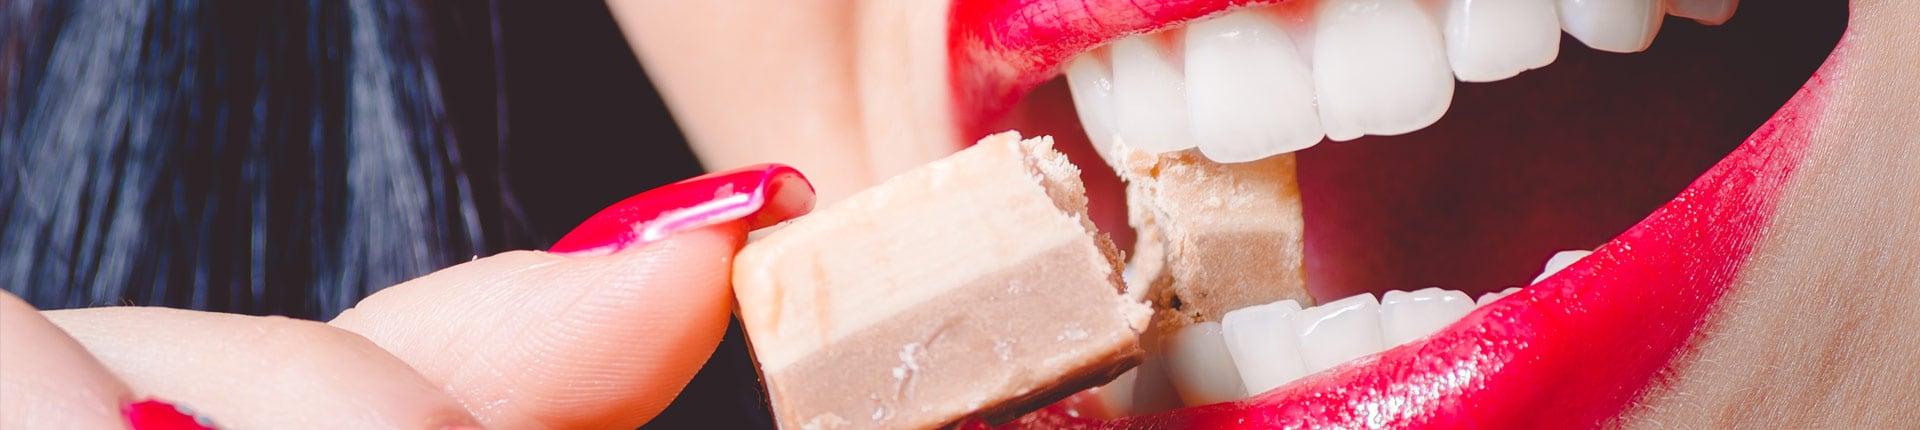 Przejście na dietę - jakie zamienniki słodyczy stosować?